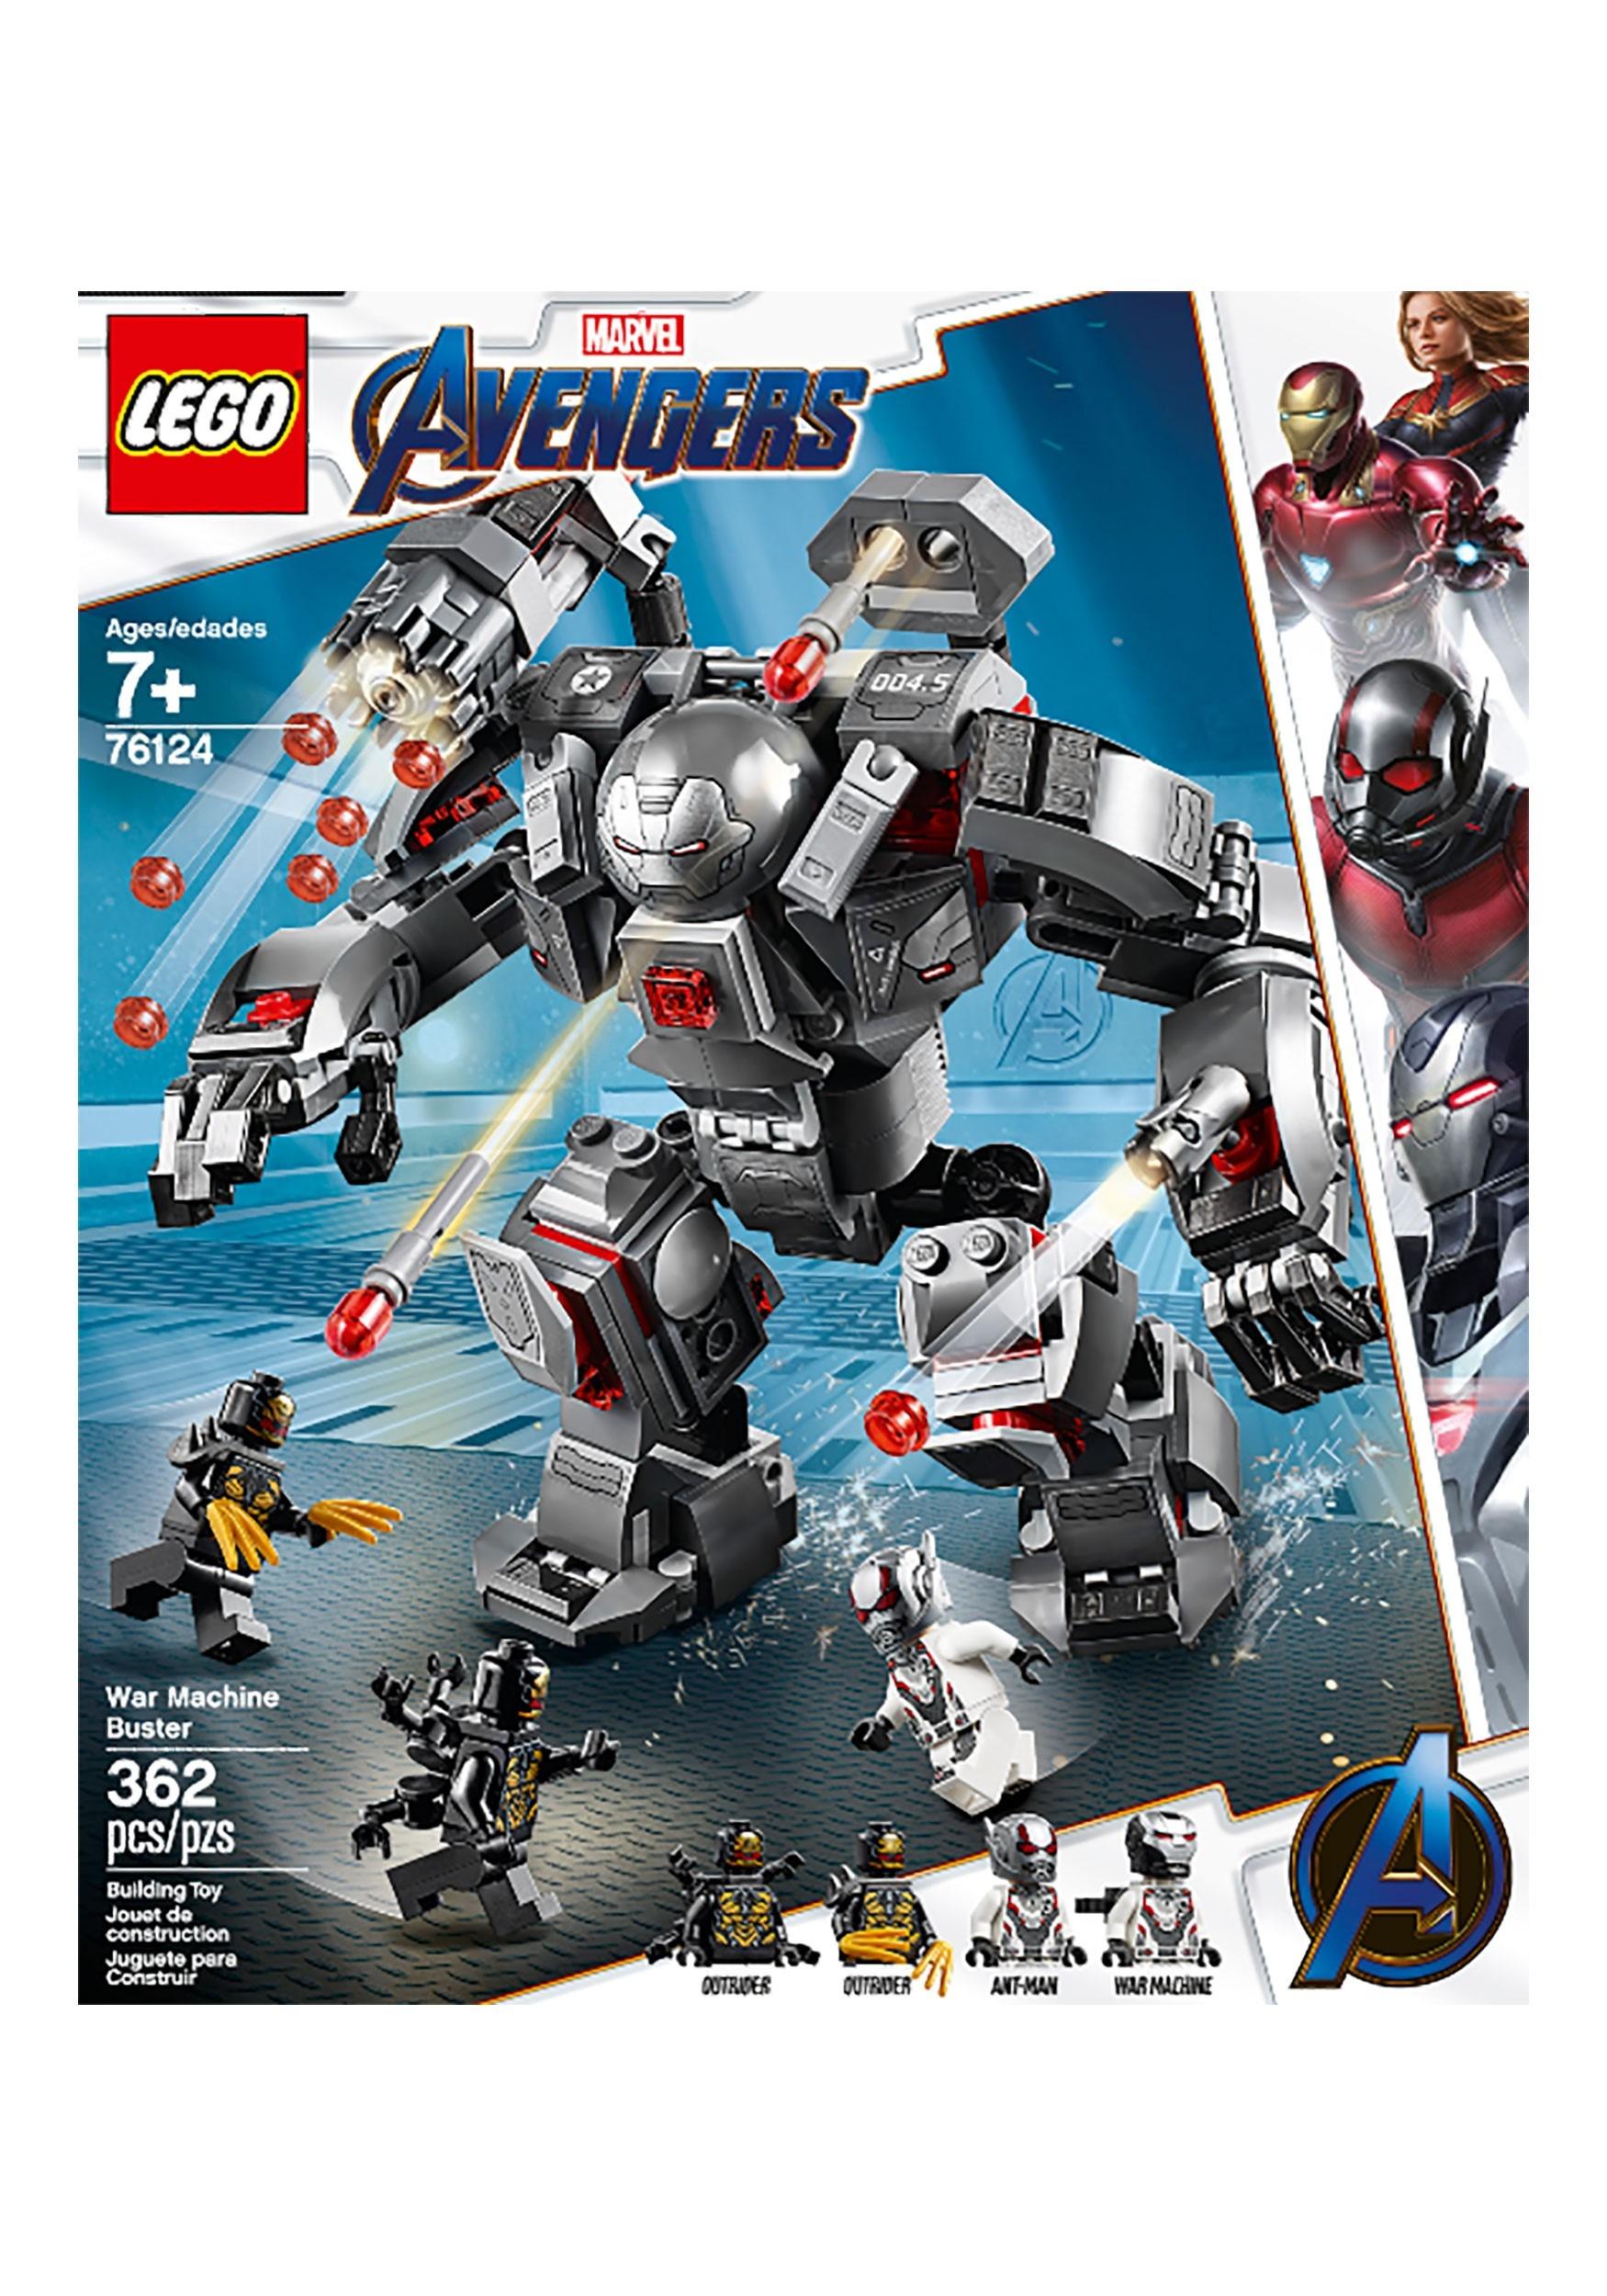 War Machine Buster LEGO Avengers